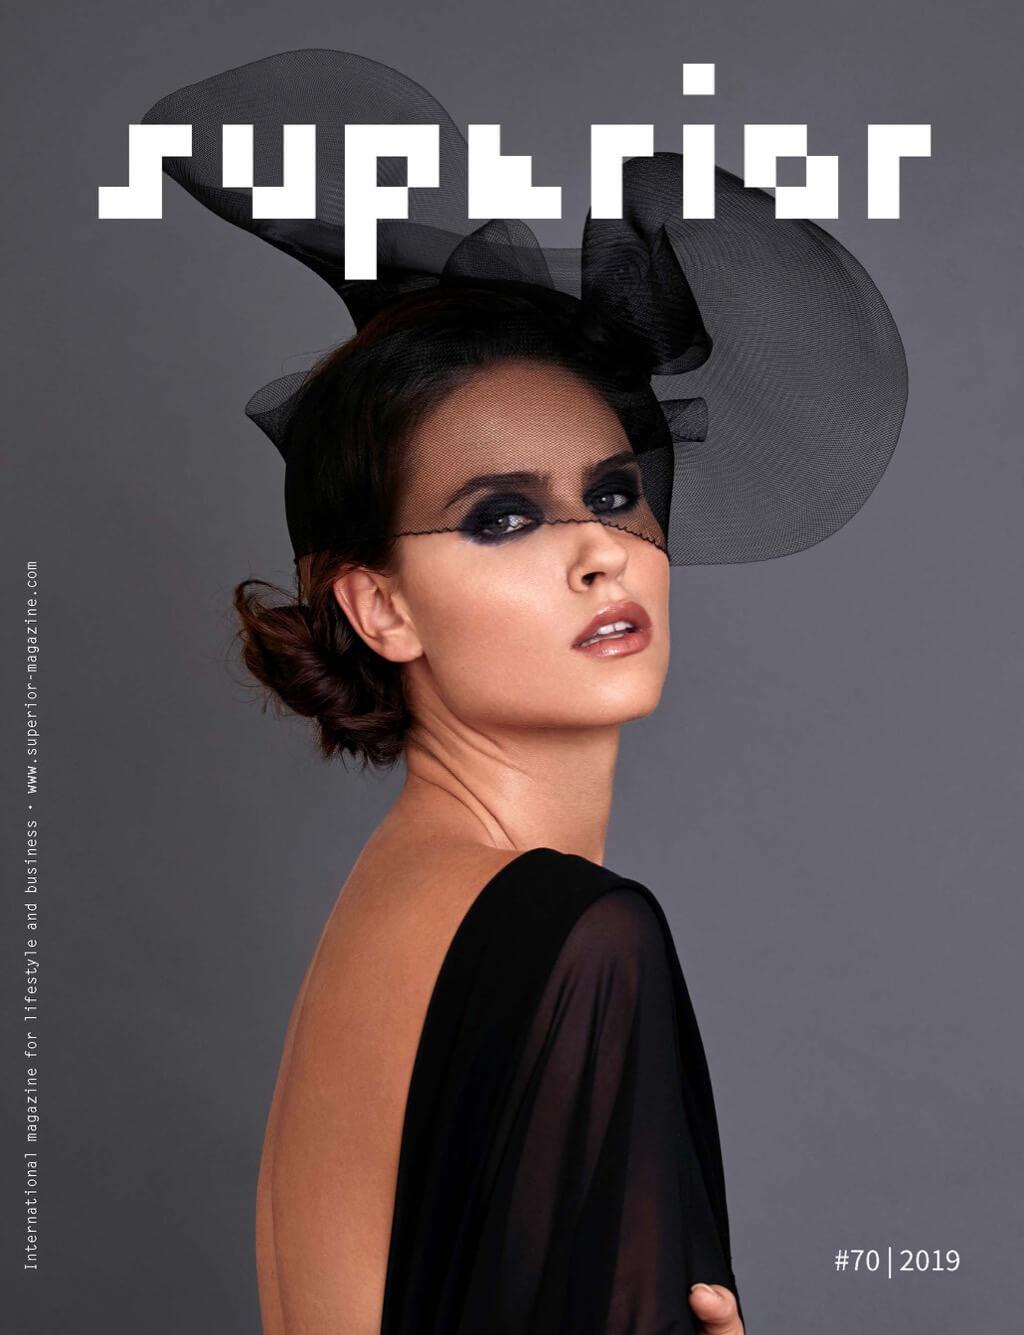 Superior Magazine # 70 | Cover by Bea von Winterfeldt-Heuser